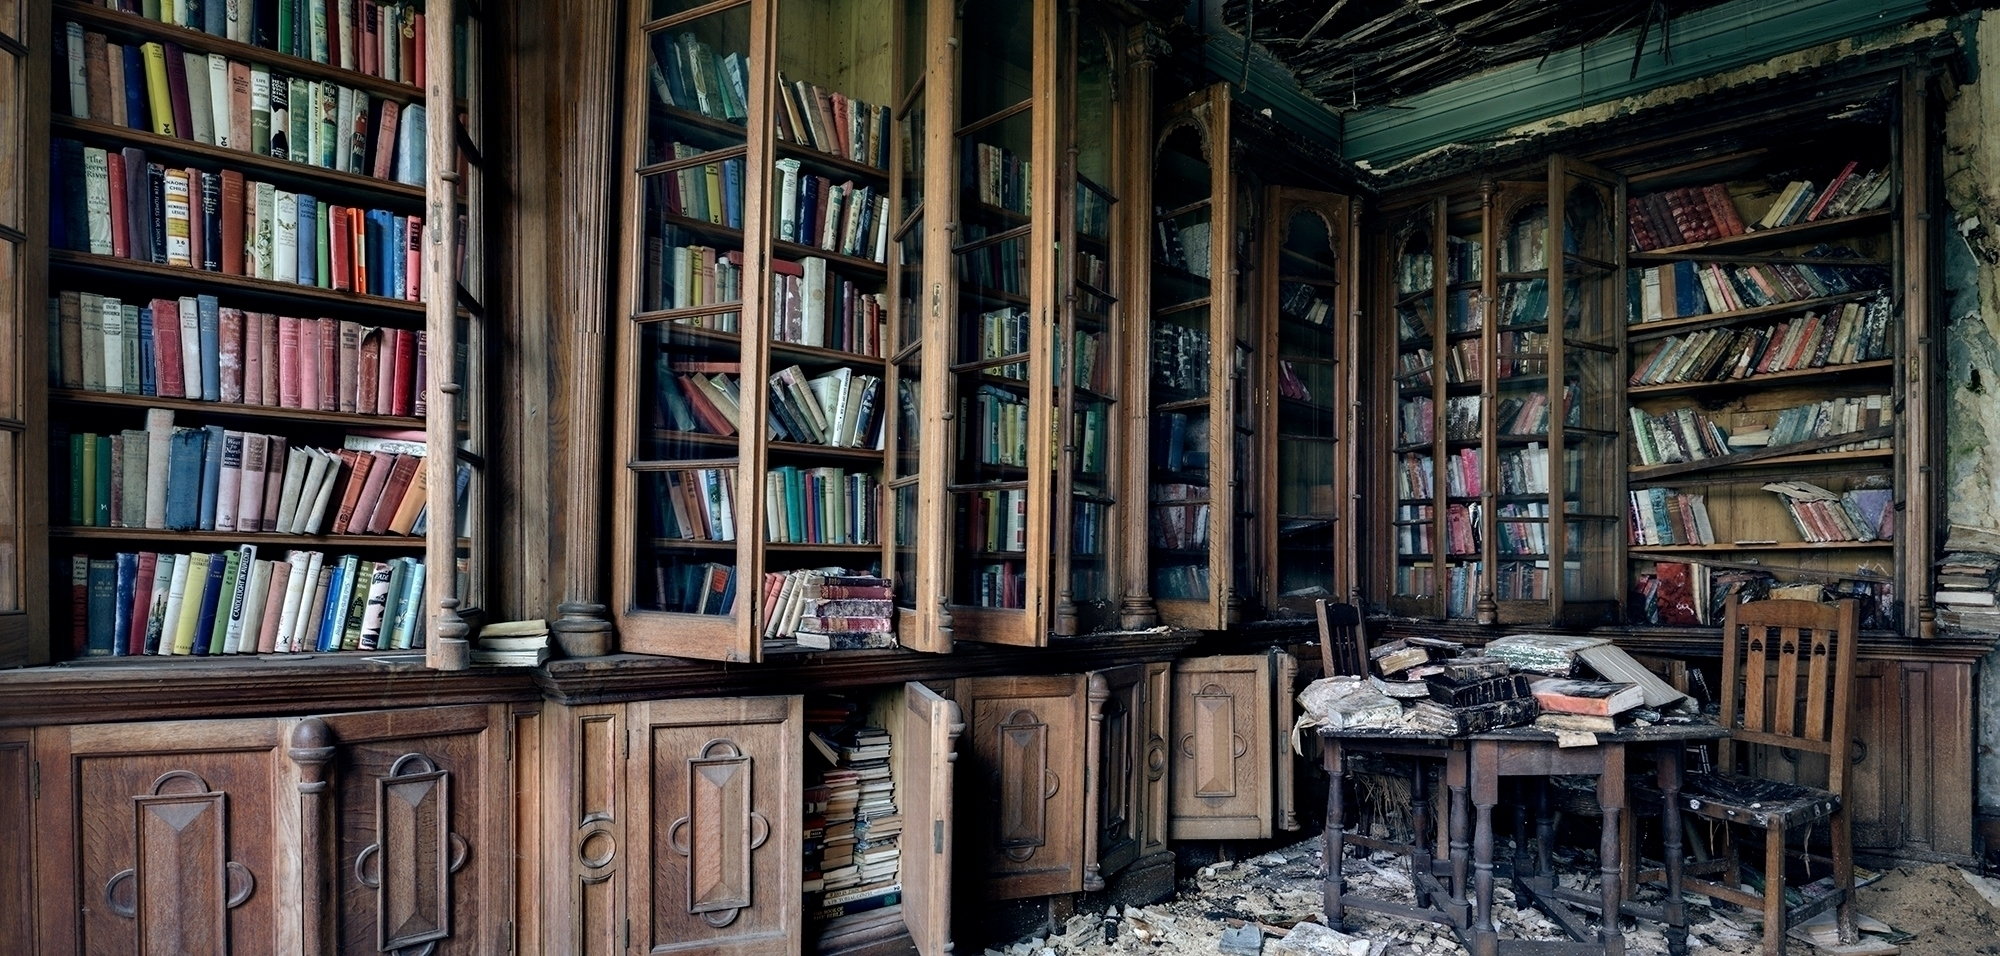 amazing library slowly rotting  - forgottenheritage | ello